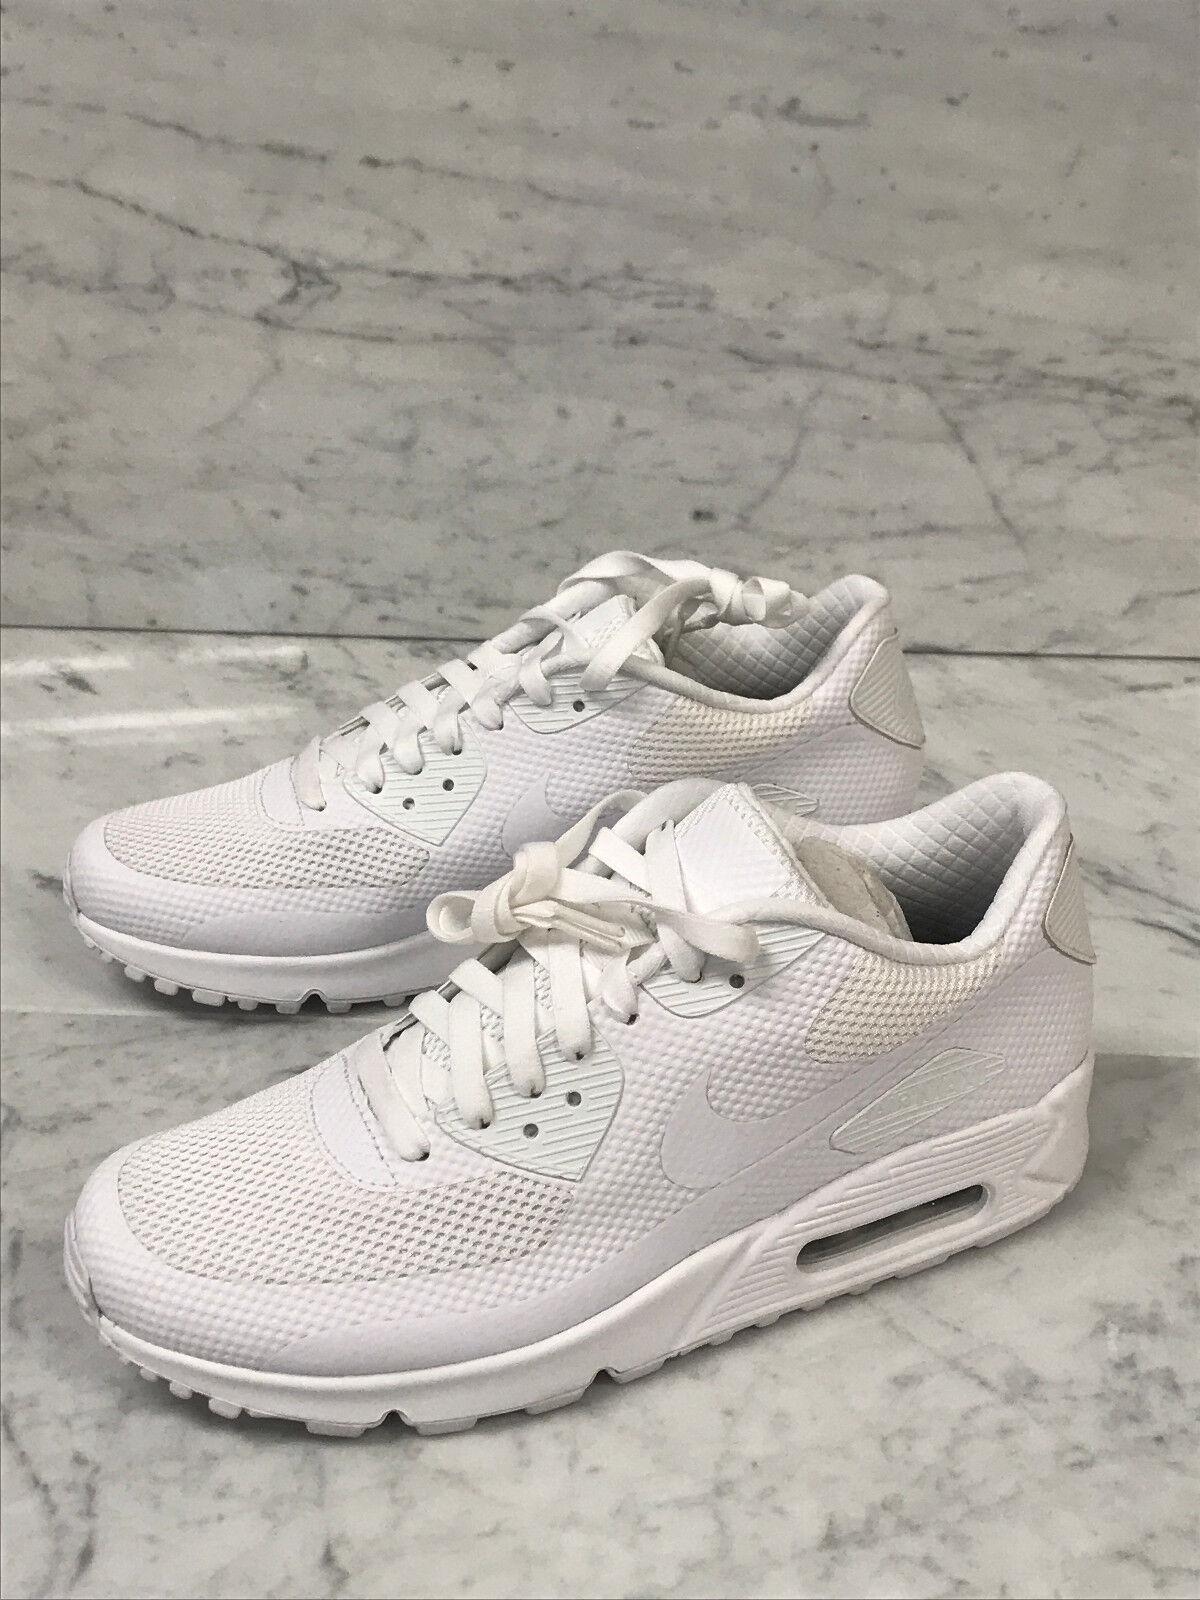 Nike air max 90 hyperfuse white ipn sonodiventate autentico